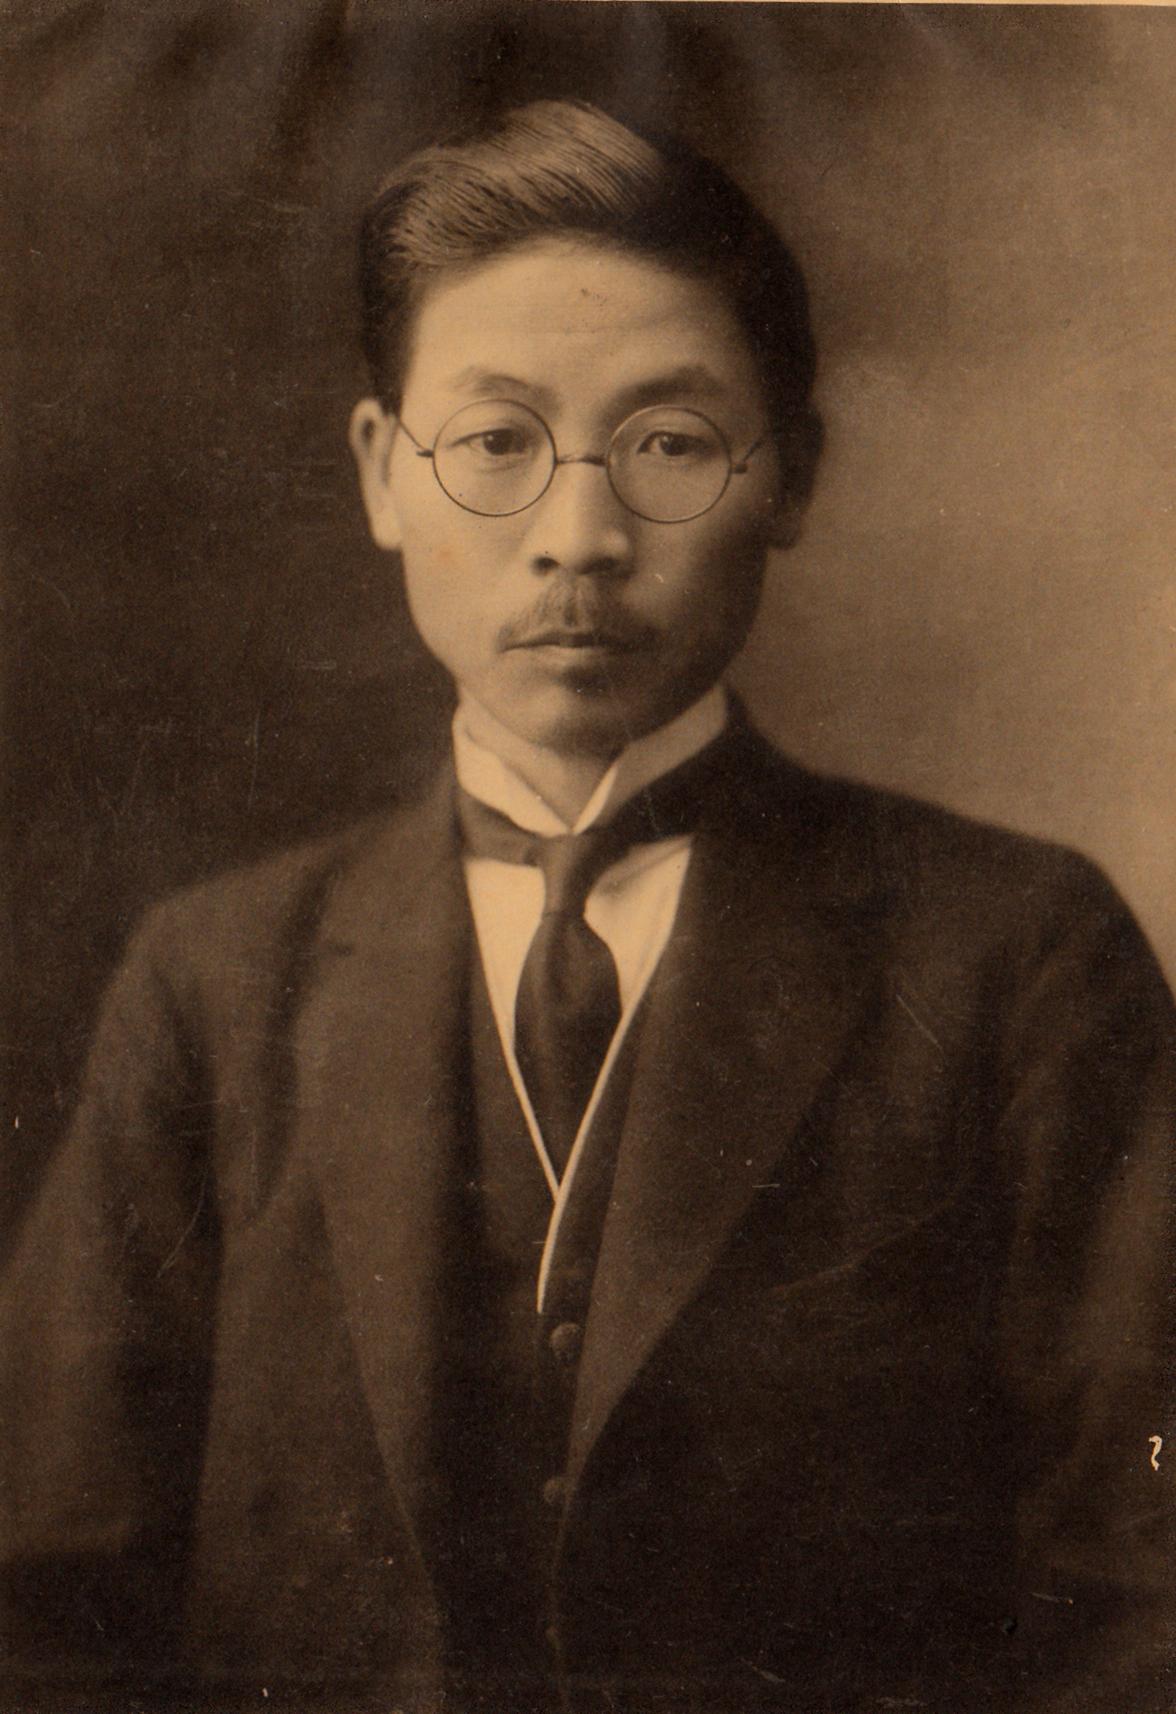 糸島実太郎氏、初代校長に就任